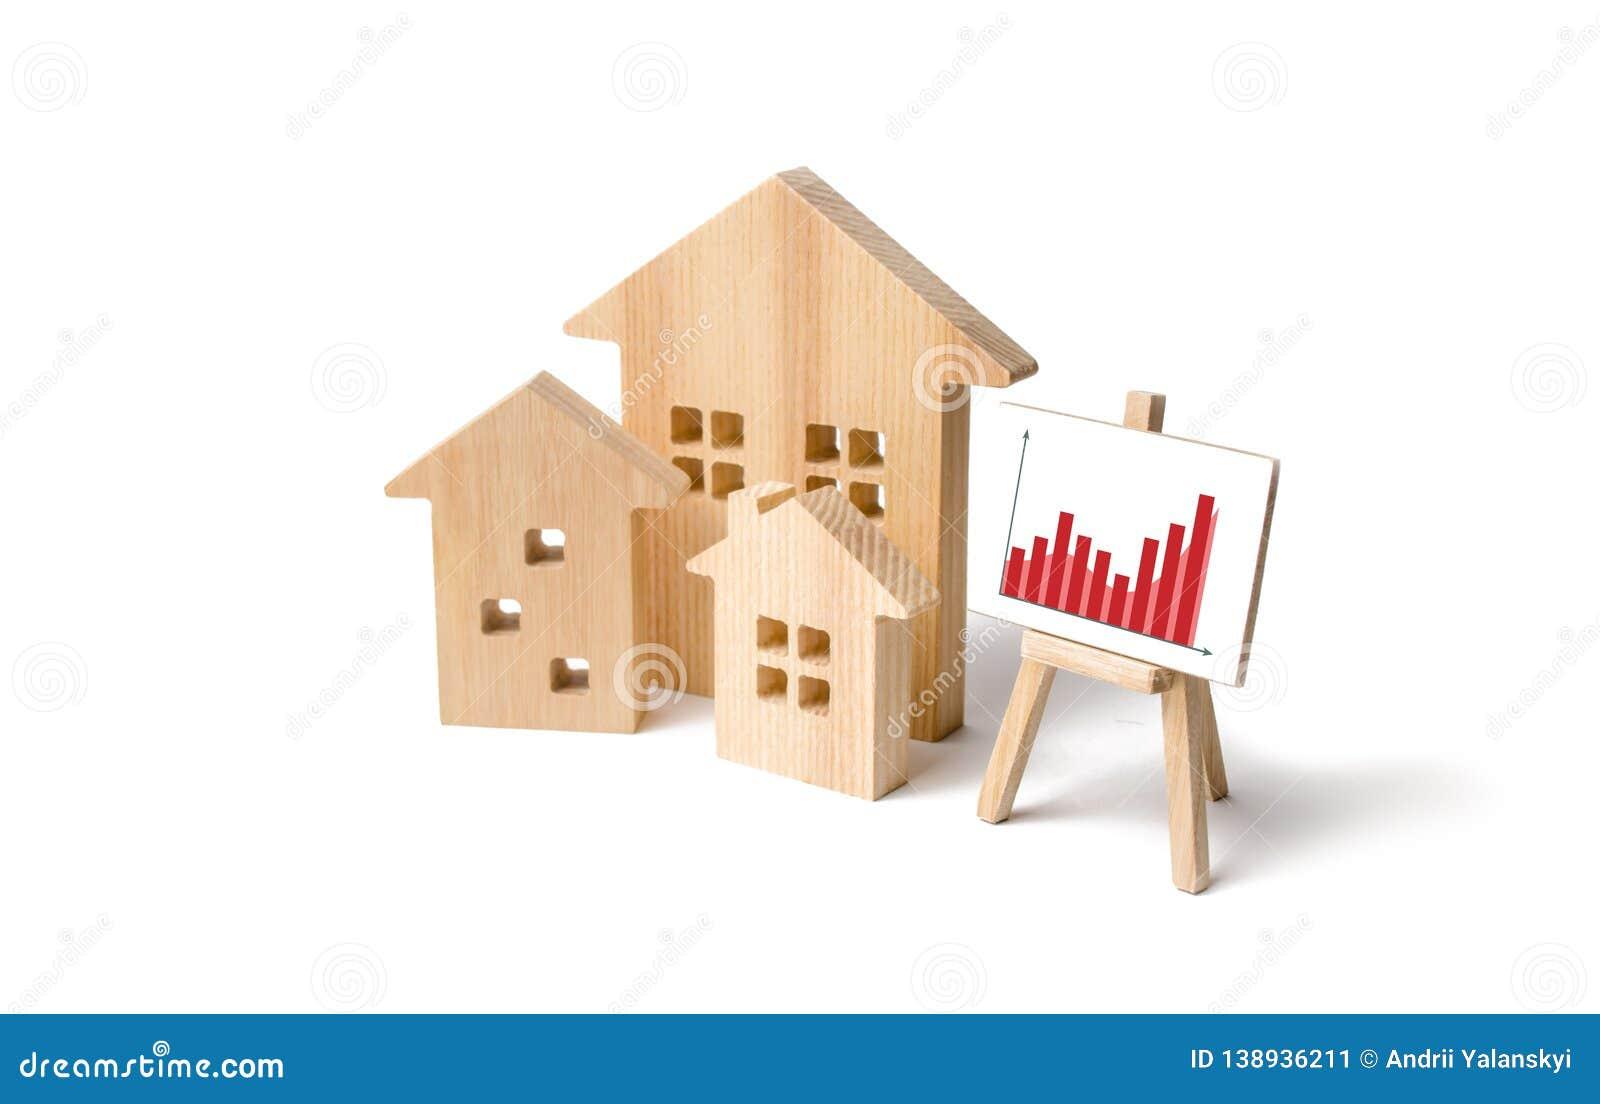 有图表和信息立场的木房子  对安置和不动产的扩大需求 城市的成长